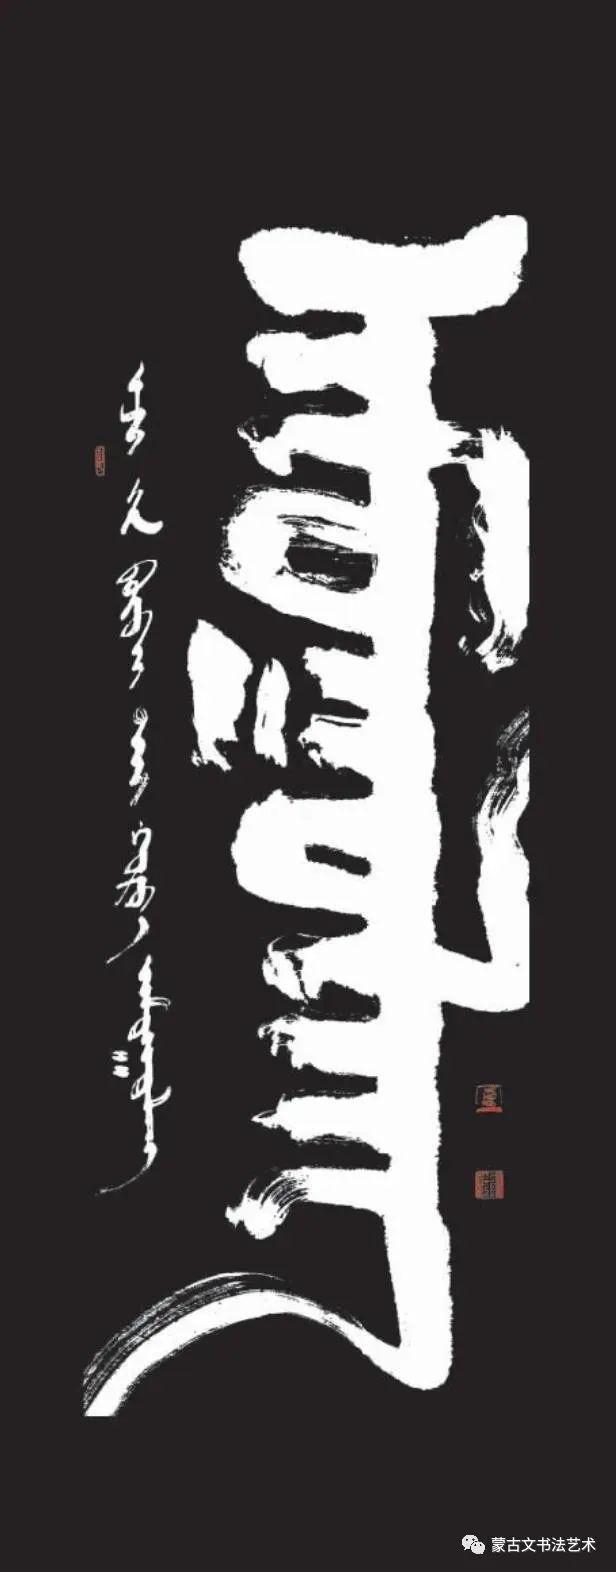 德格吉乐图蒙古文书法作品(二) 第5张 德格吉乐图蒙古文书法作品(二) 蒙古书法